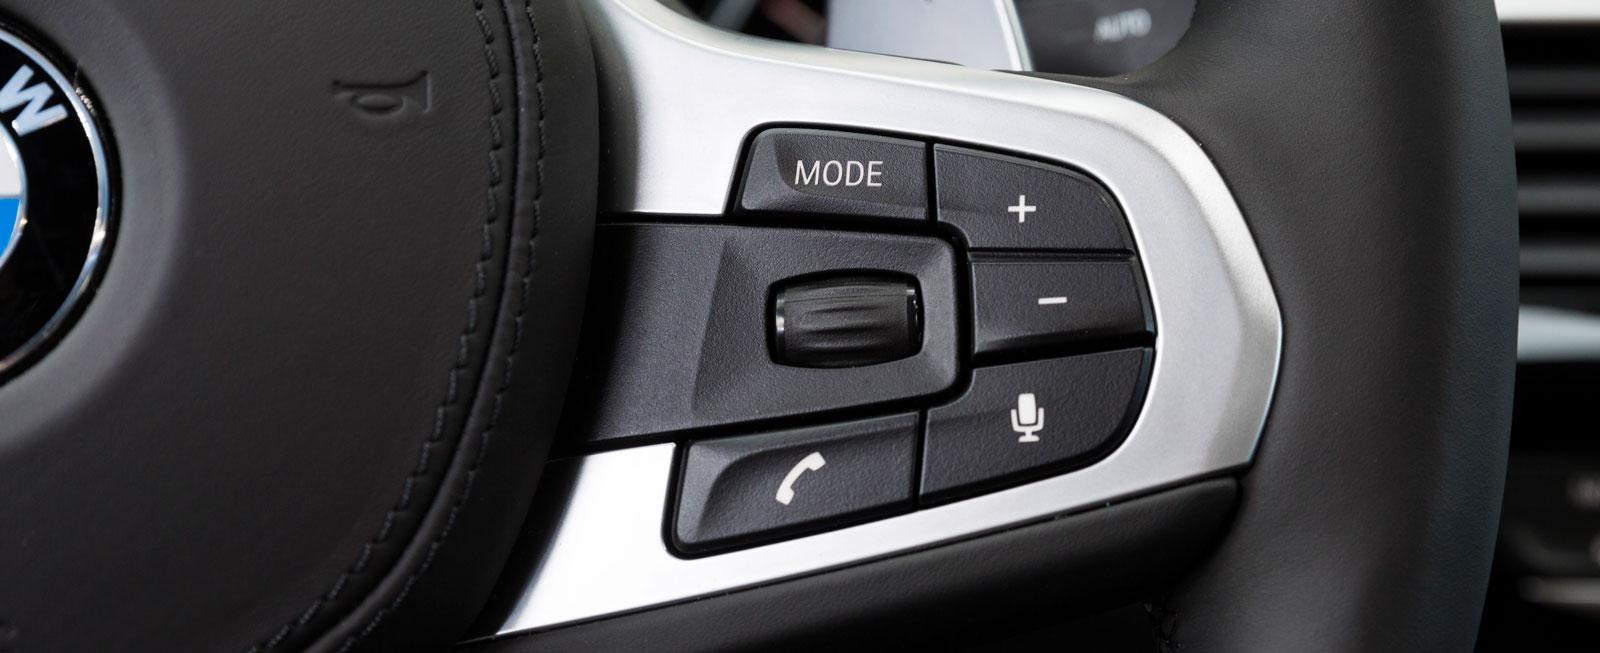 """BMW:s rattreglage är av typen """"rulle""""/knappar. En kombination som fungerar perfekt för att smidigt manövrera i medieanläggningens menyer."""